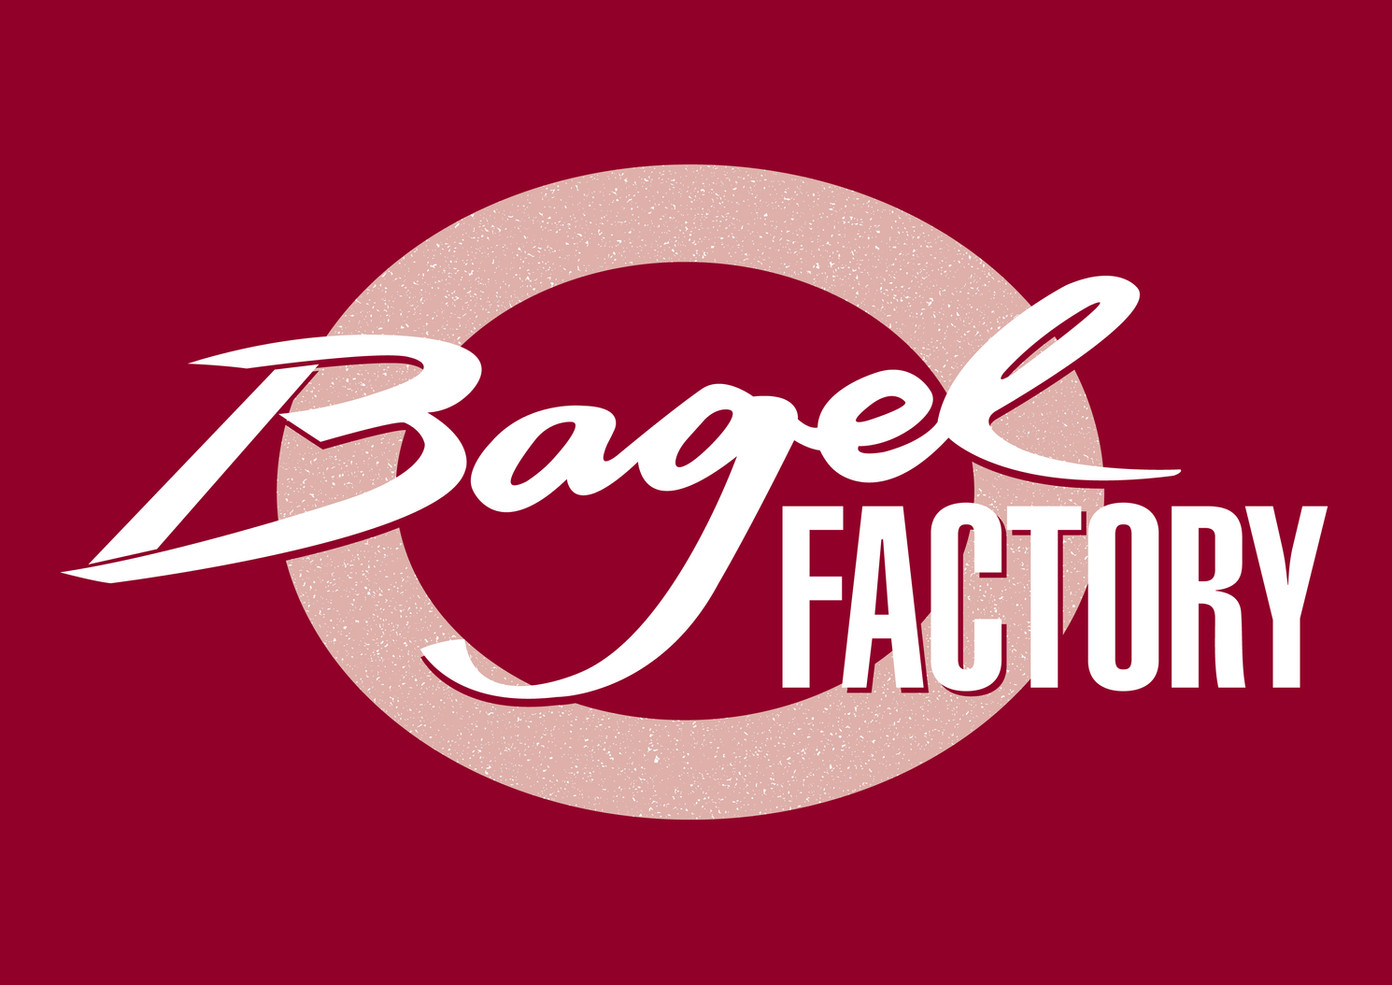 Bagel Factory logo round_Background.jpg